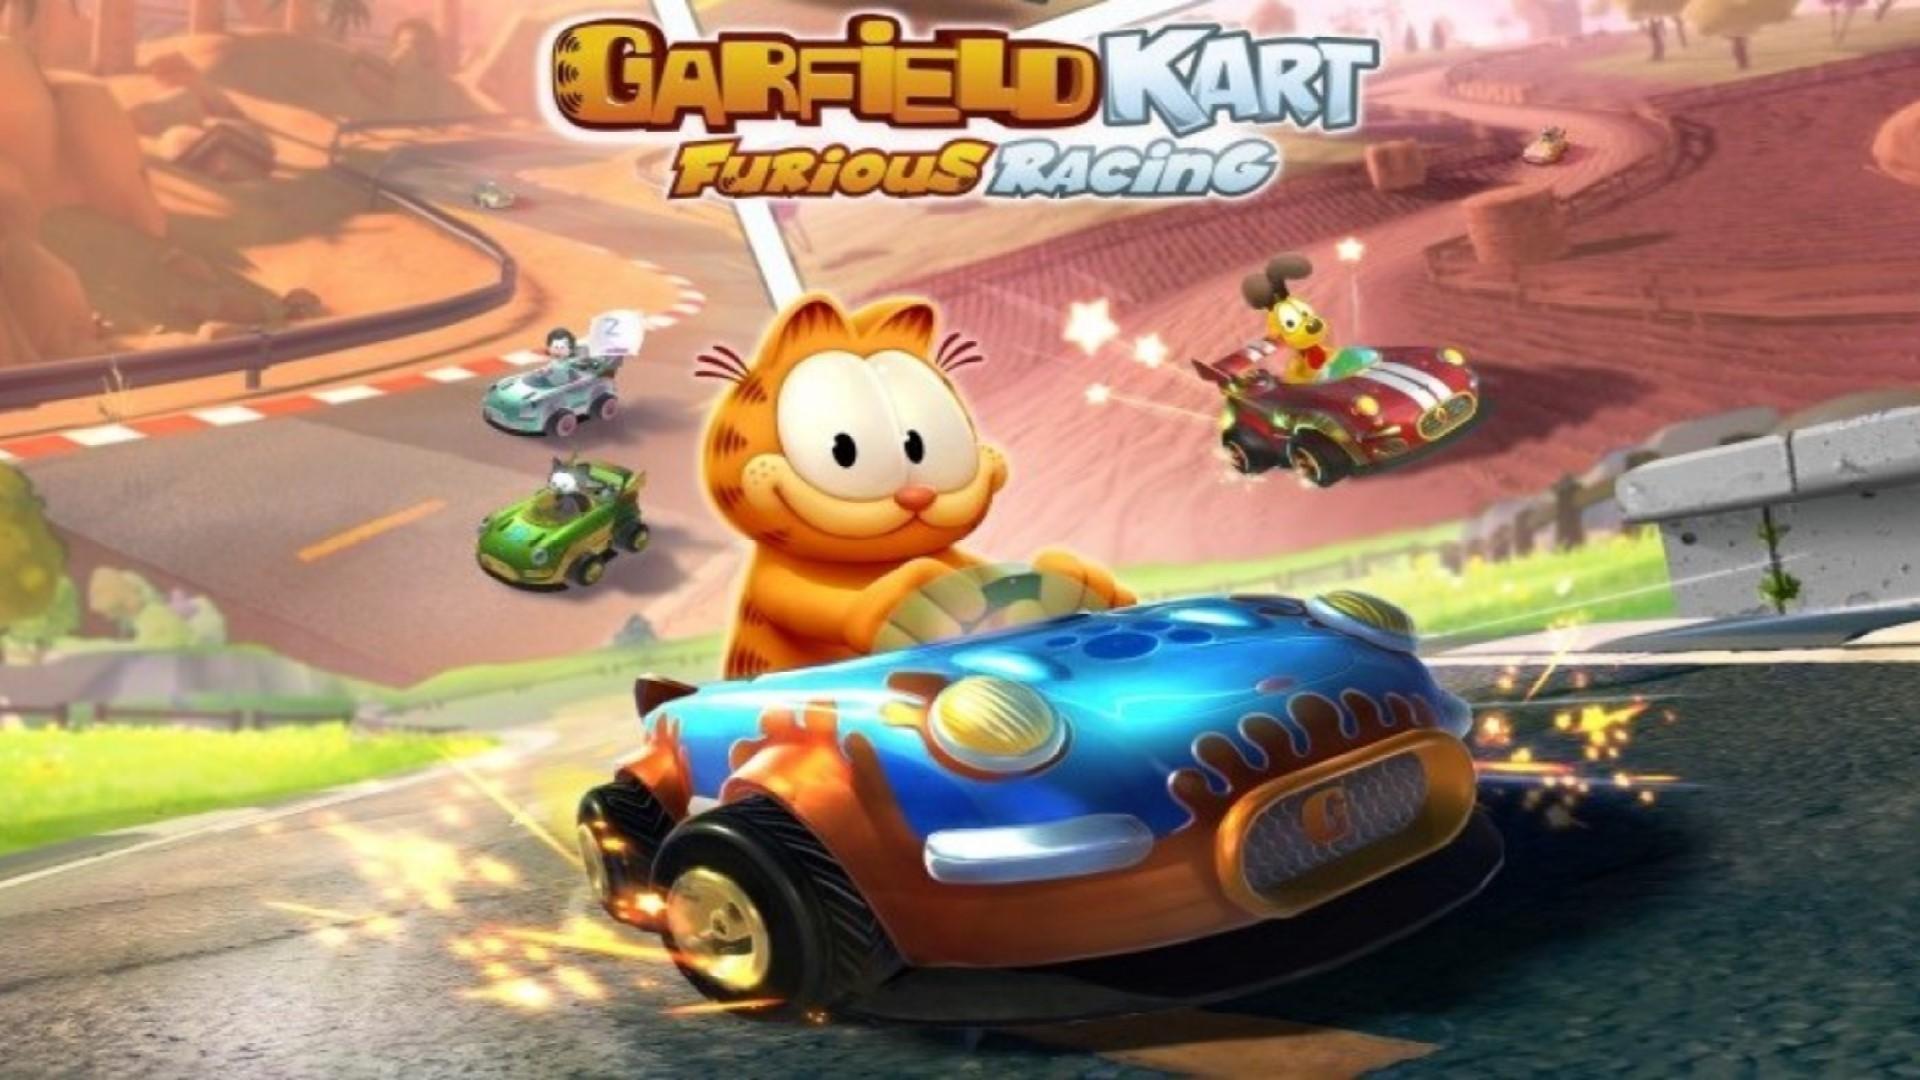 Garfield Karting: Furious Racing hoofdafbeelding